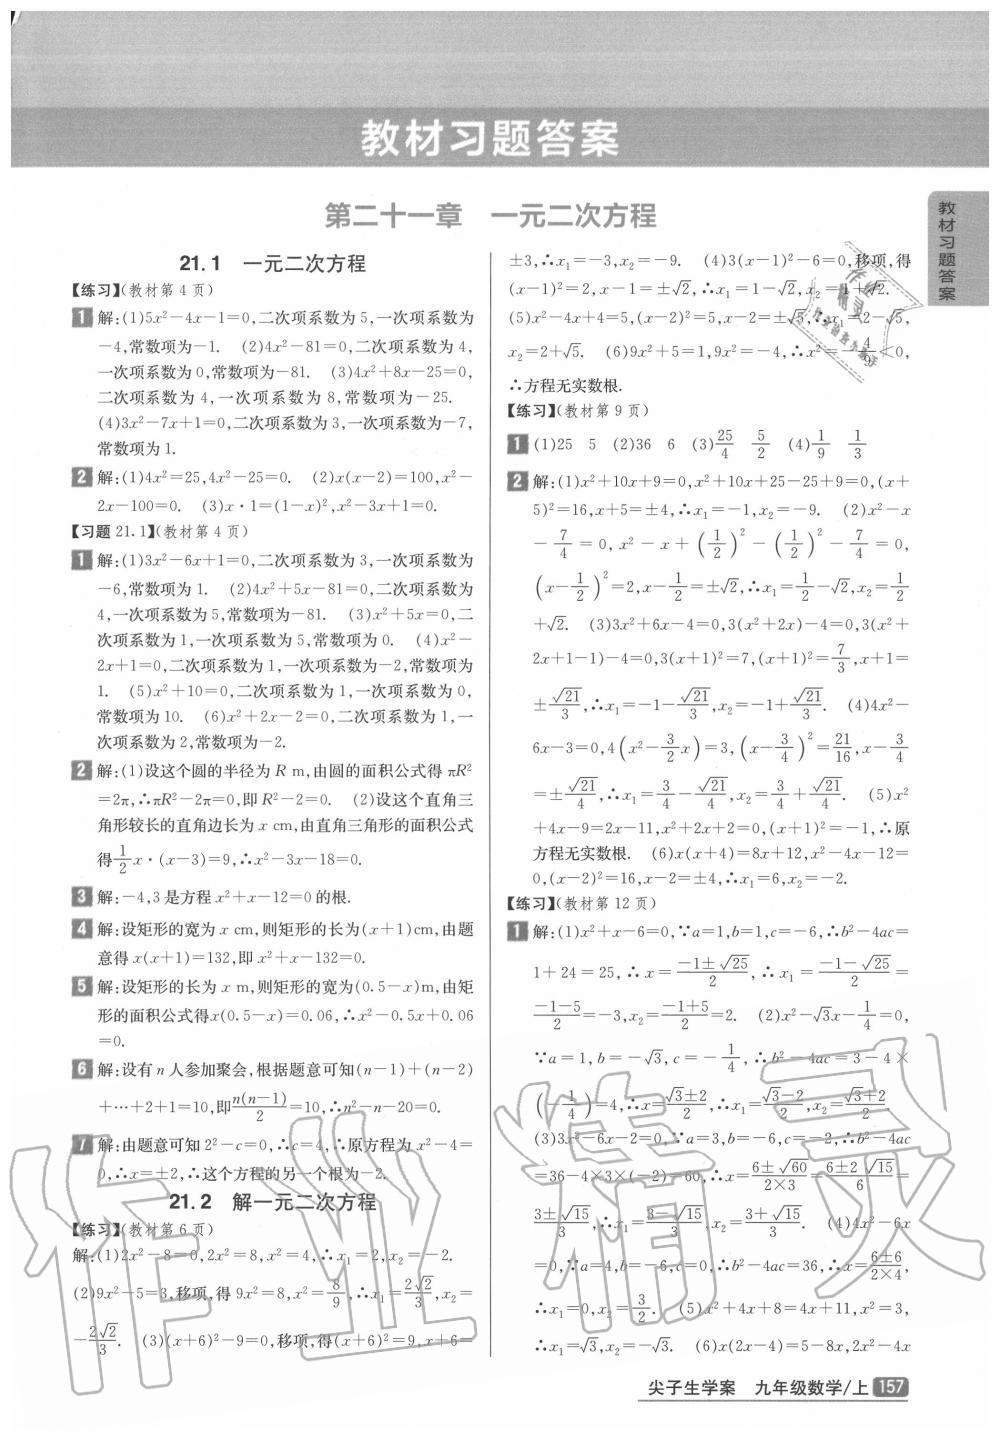 2020年教材課本九年級數學上冊人教版第1頁